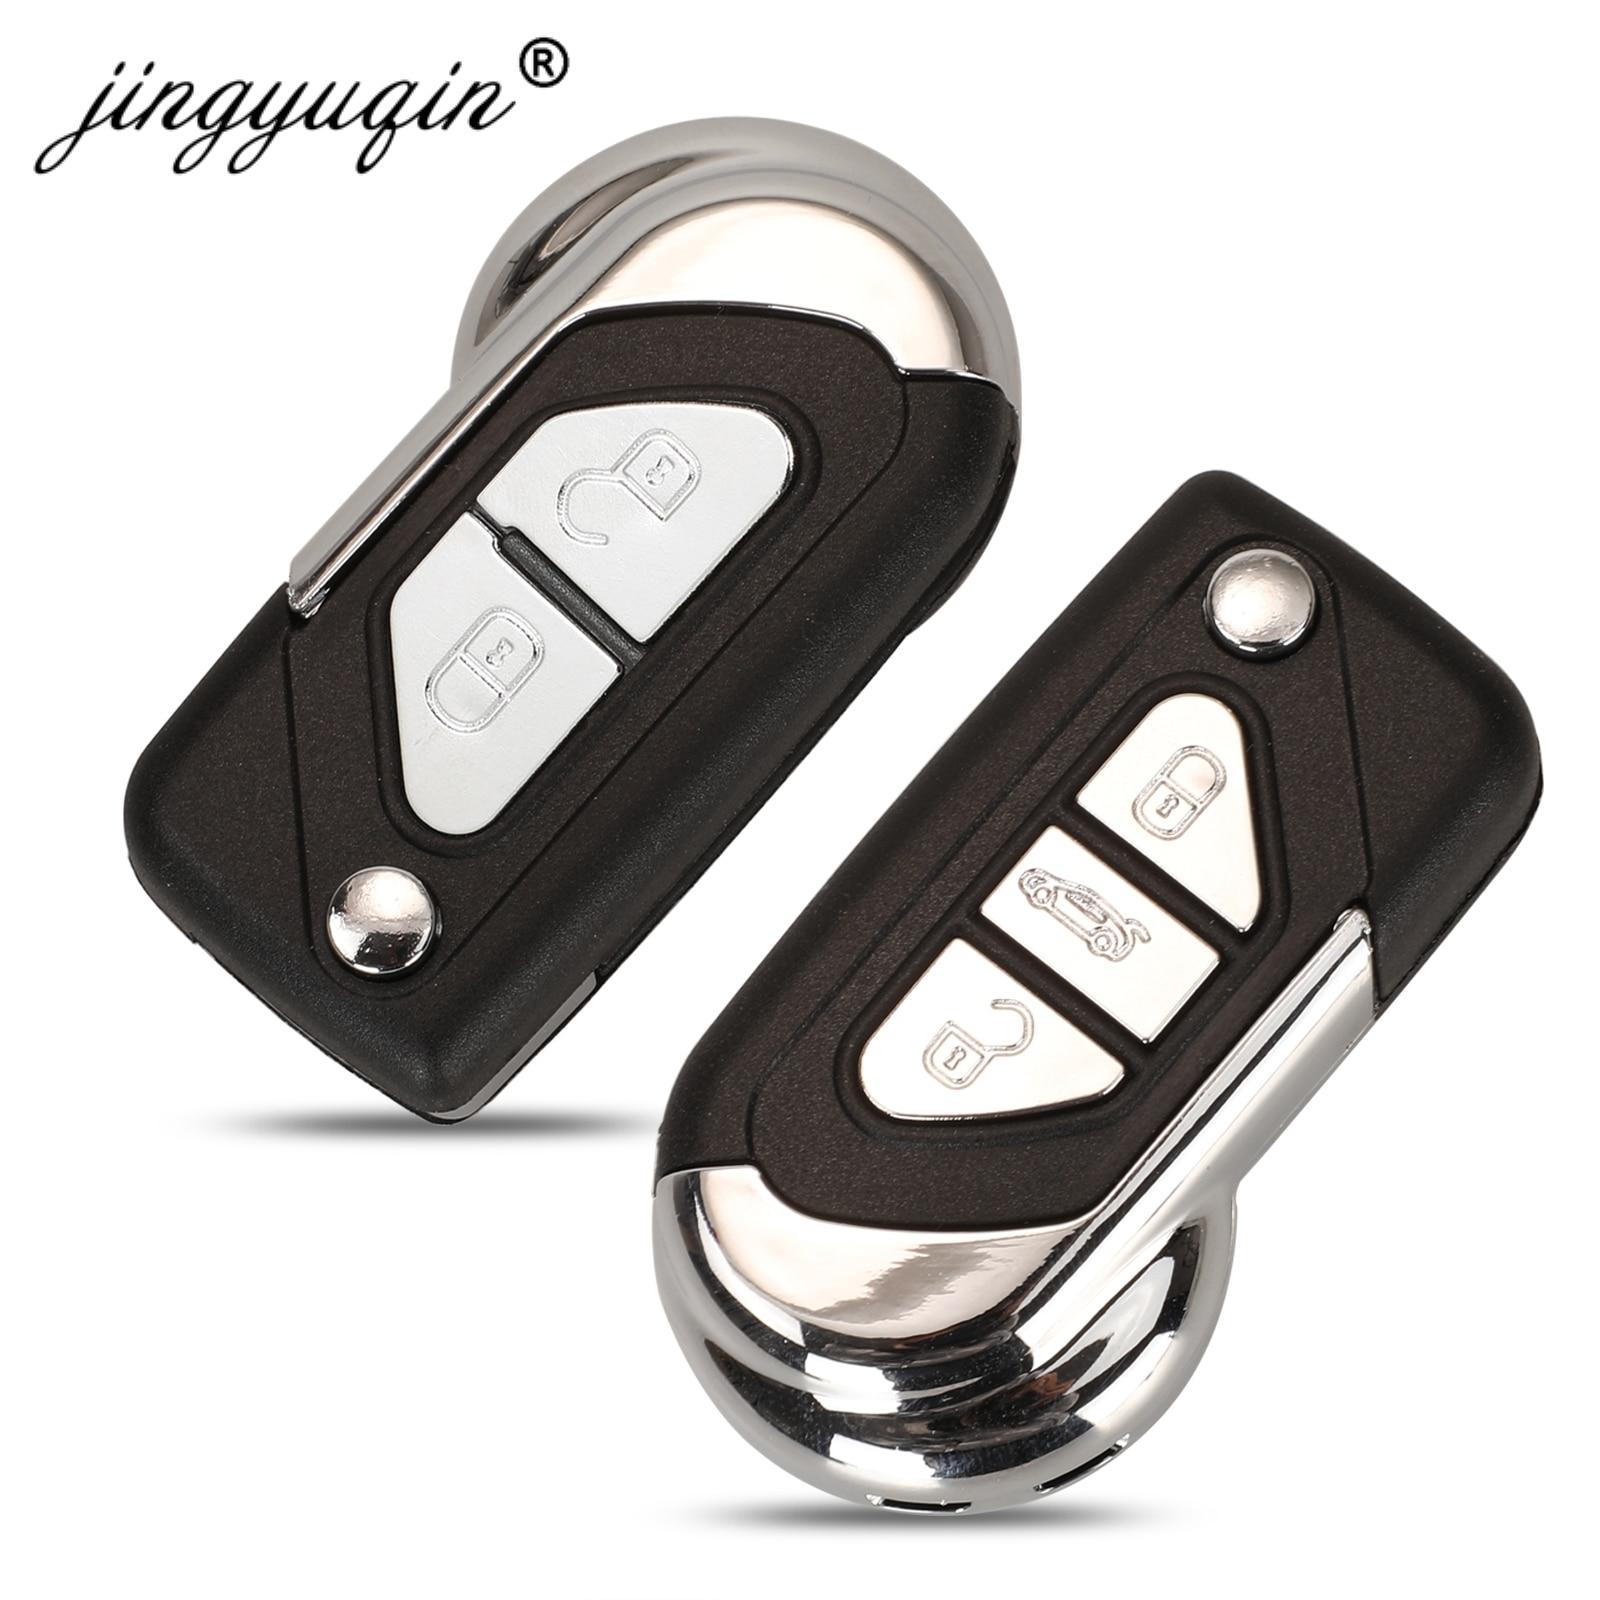 Jingyuqin флип-брелок для дистанционного ключа чехол для Citroen DS3 для пуэджота 2/3 кнопки Uncut VA2 чехол для ключа